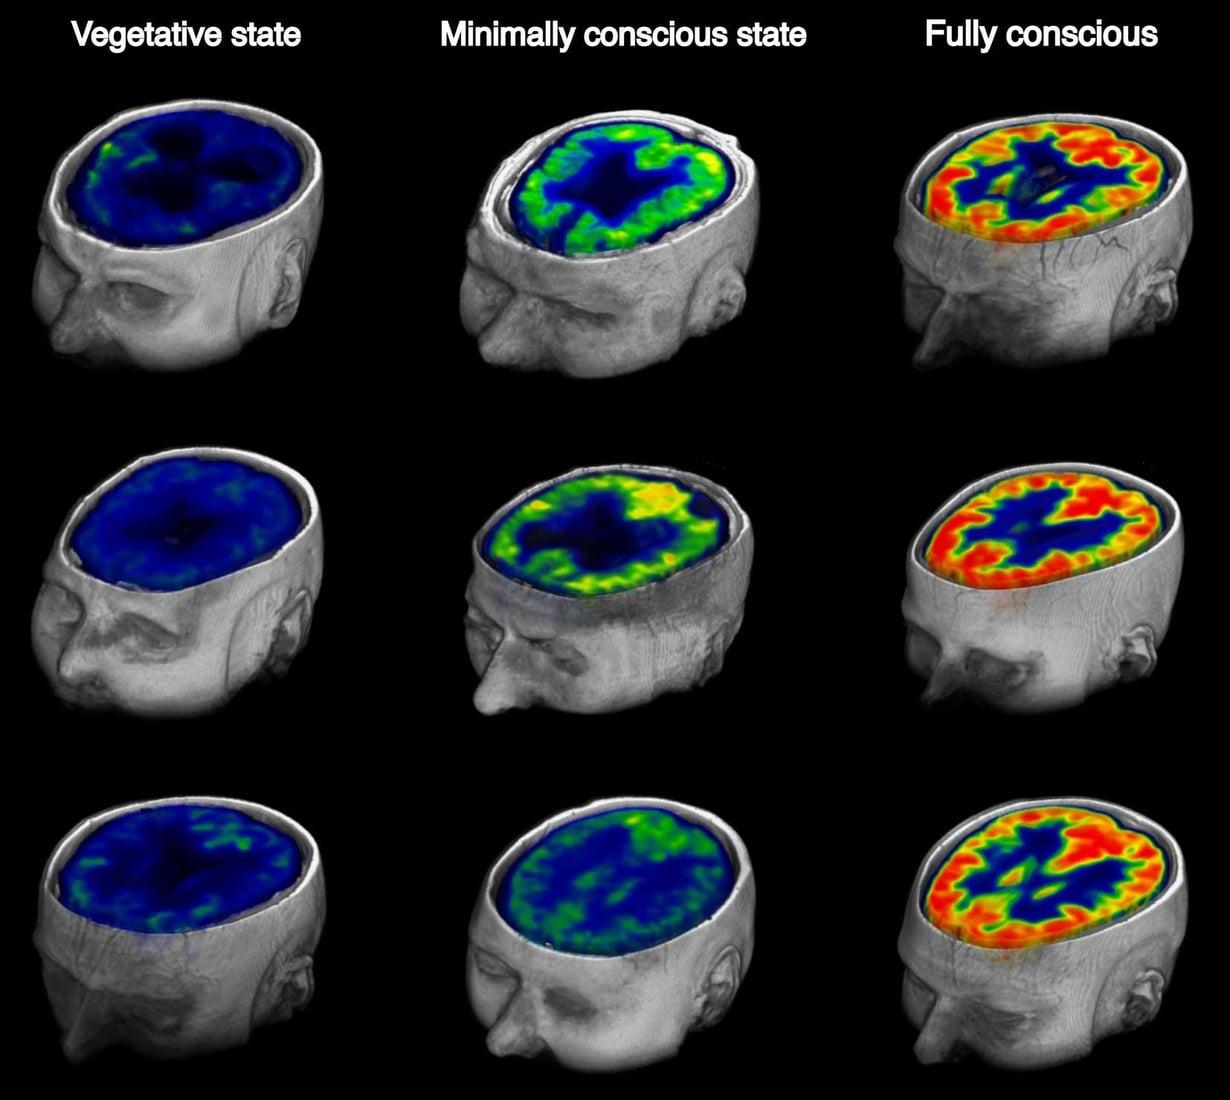 Kuvasarja oikealla näyttää, miten terveen ihmisen aivot kuluttavat glukoosia. Vasemmanpuoleinen henkilö on täysin tiedottomassa tilassa. Keskimmäisen tietoisuus toimii osittain. Kuva: Krediitit: Stender et al.